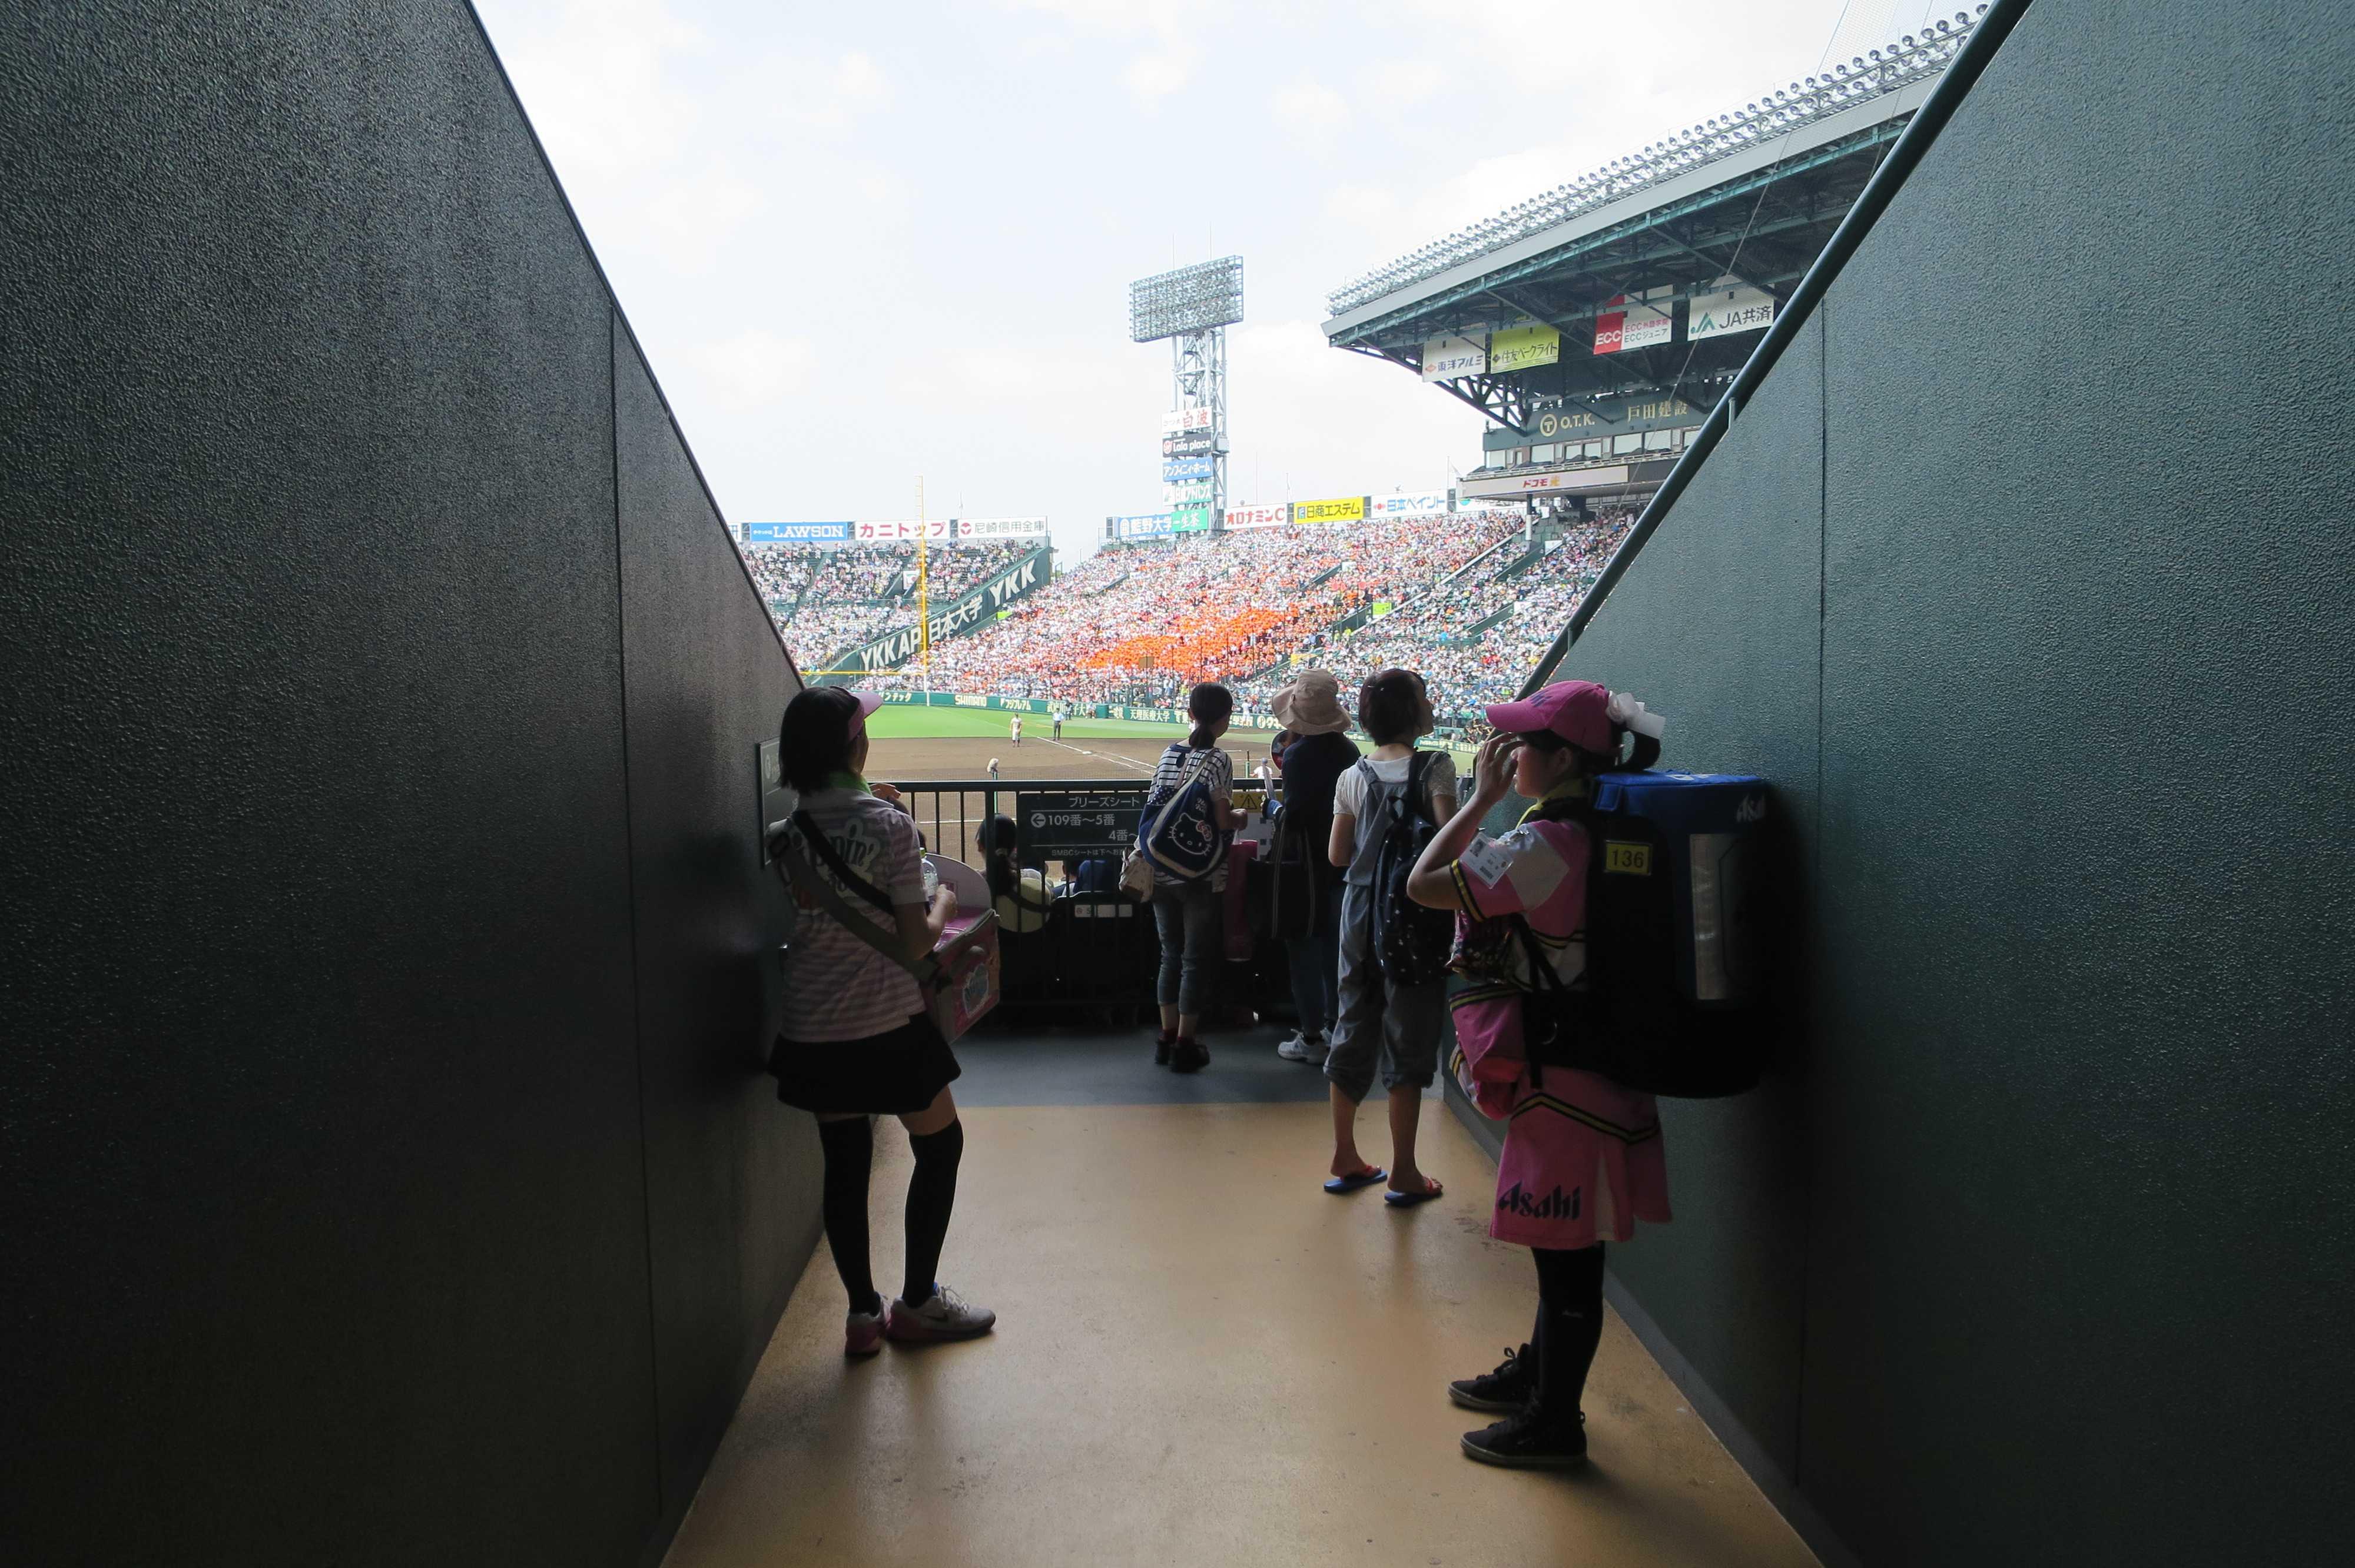 通路から球場が見える瞬間 - 阪神甲子園球場